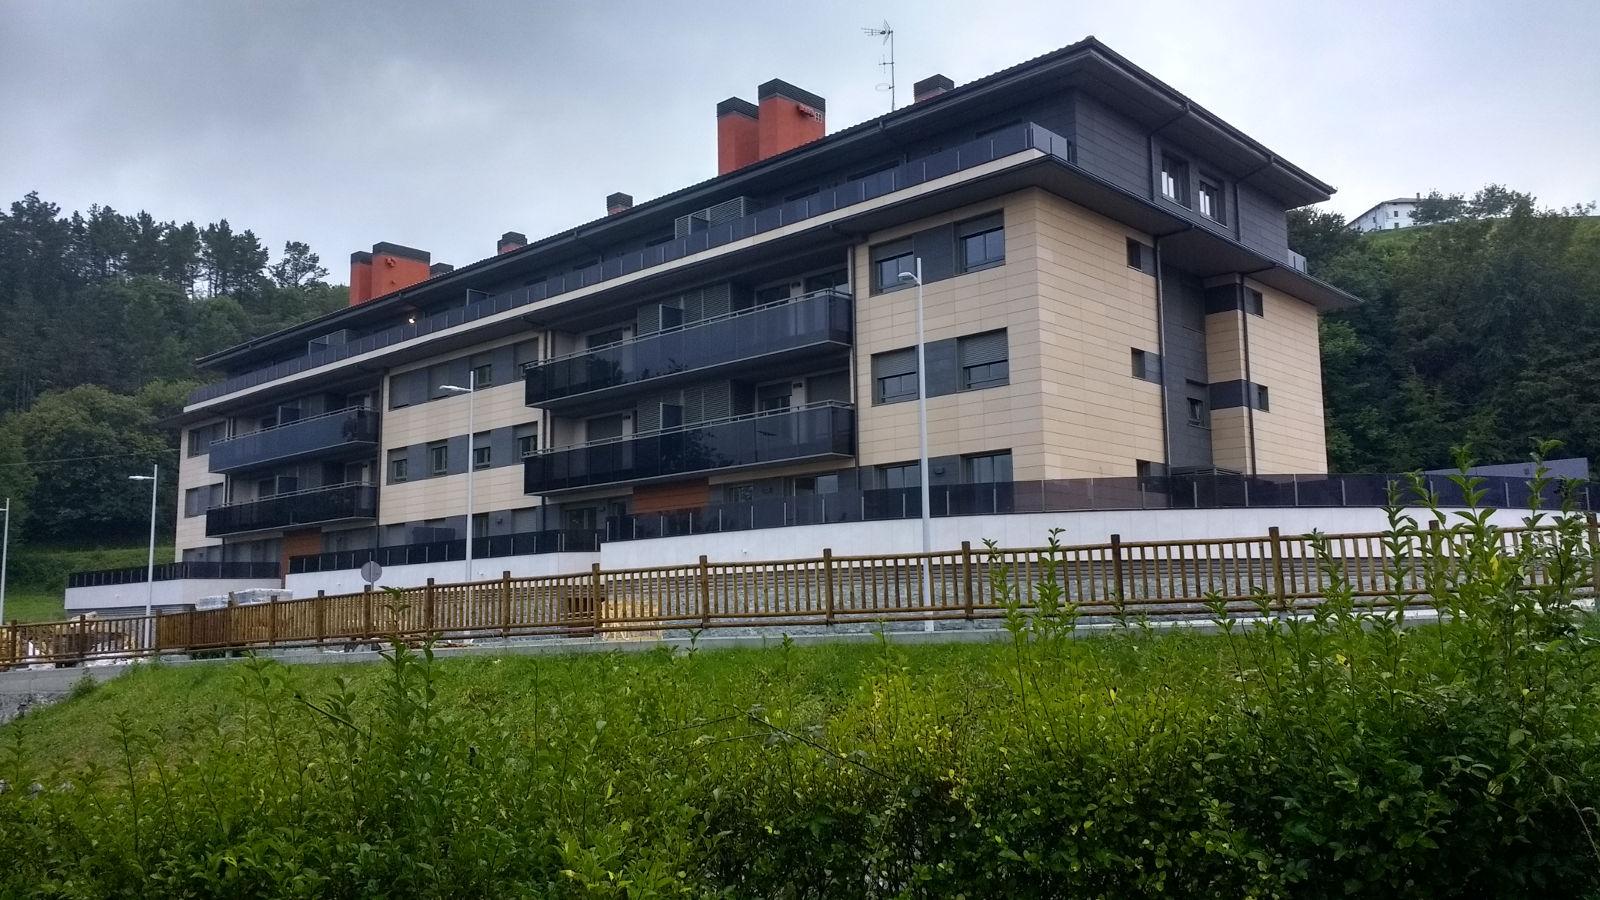 32 viviendas en Asteasu